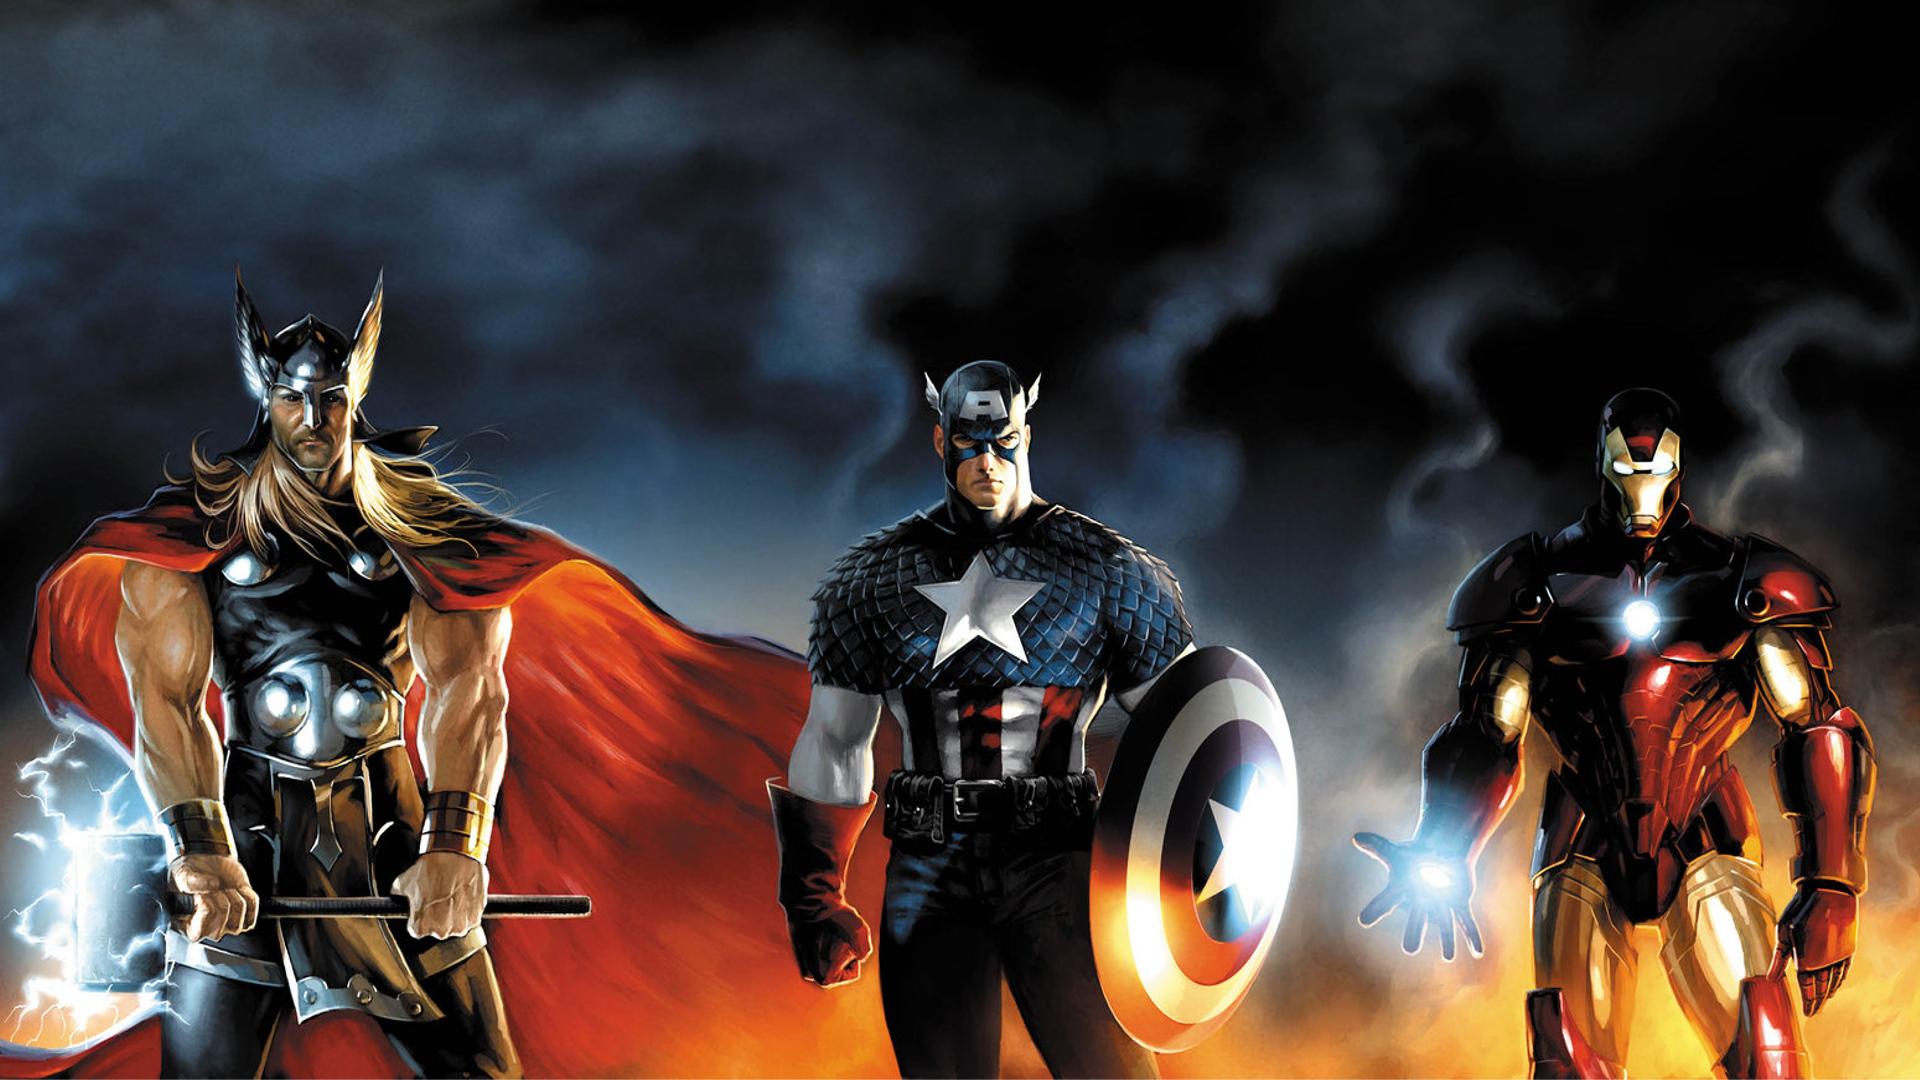 44+ Superhero Wallpaper HD on WallpaperSafari